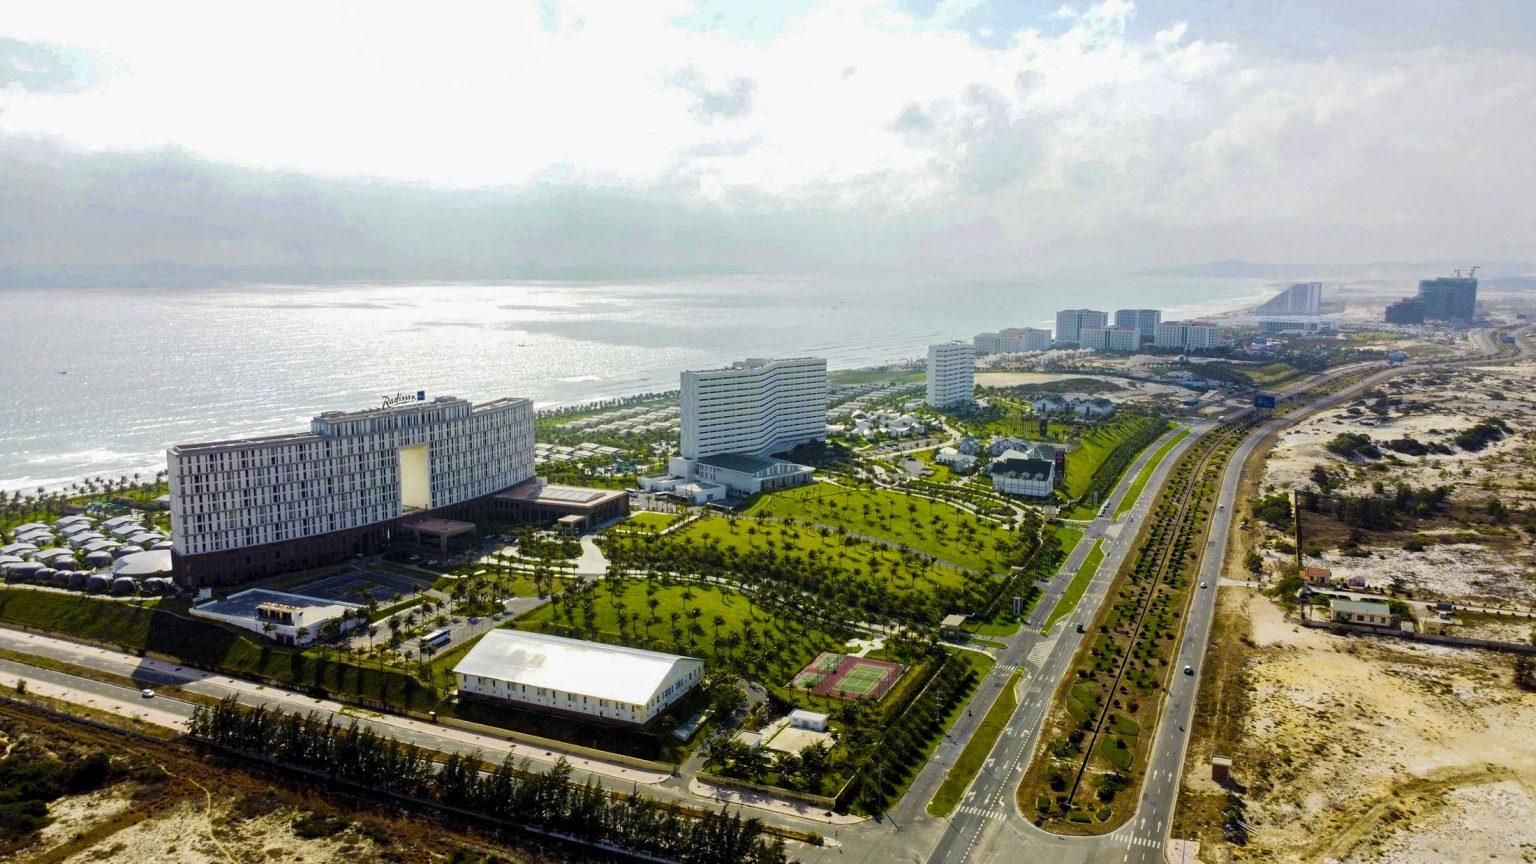 Khu du lịch bắc bán đảo Cam Ranh (Bãi Dài) được định hướng phát triển là đô thị du lịch.